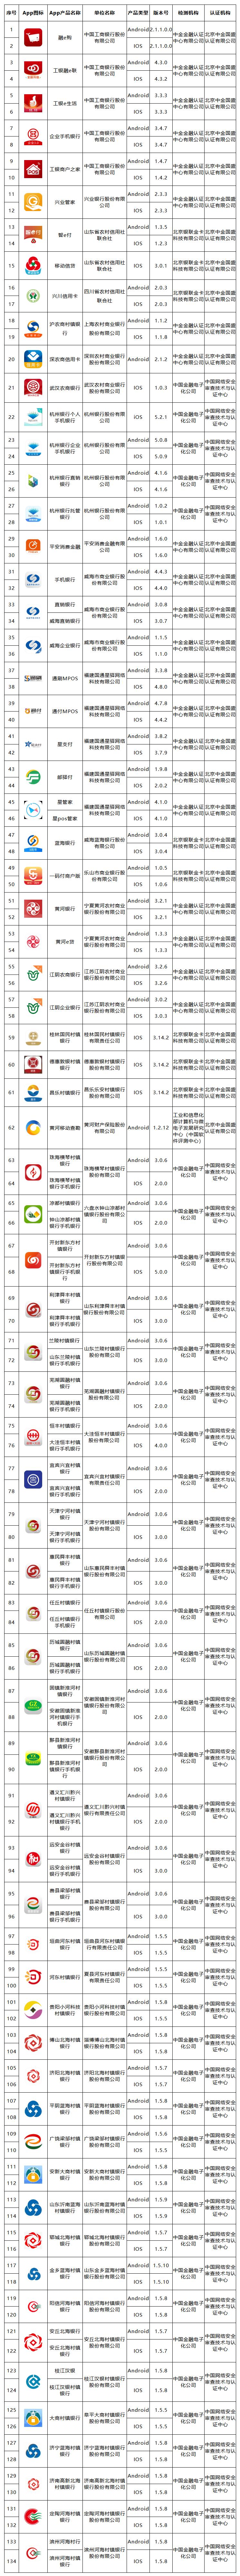 第六批移动金融App备案名单